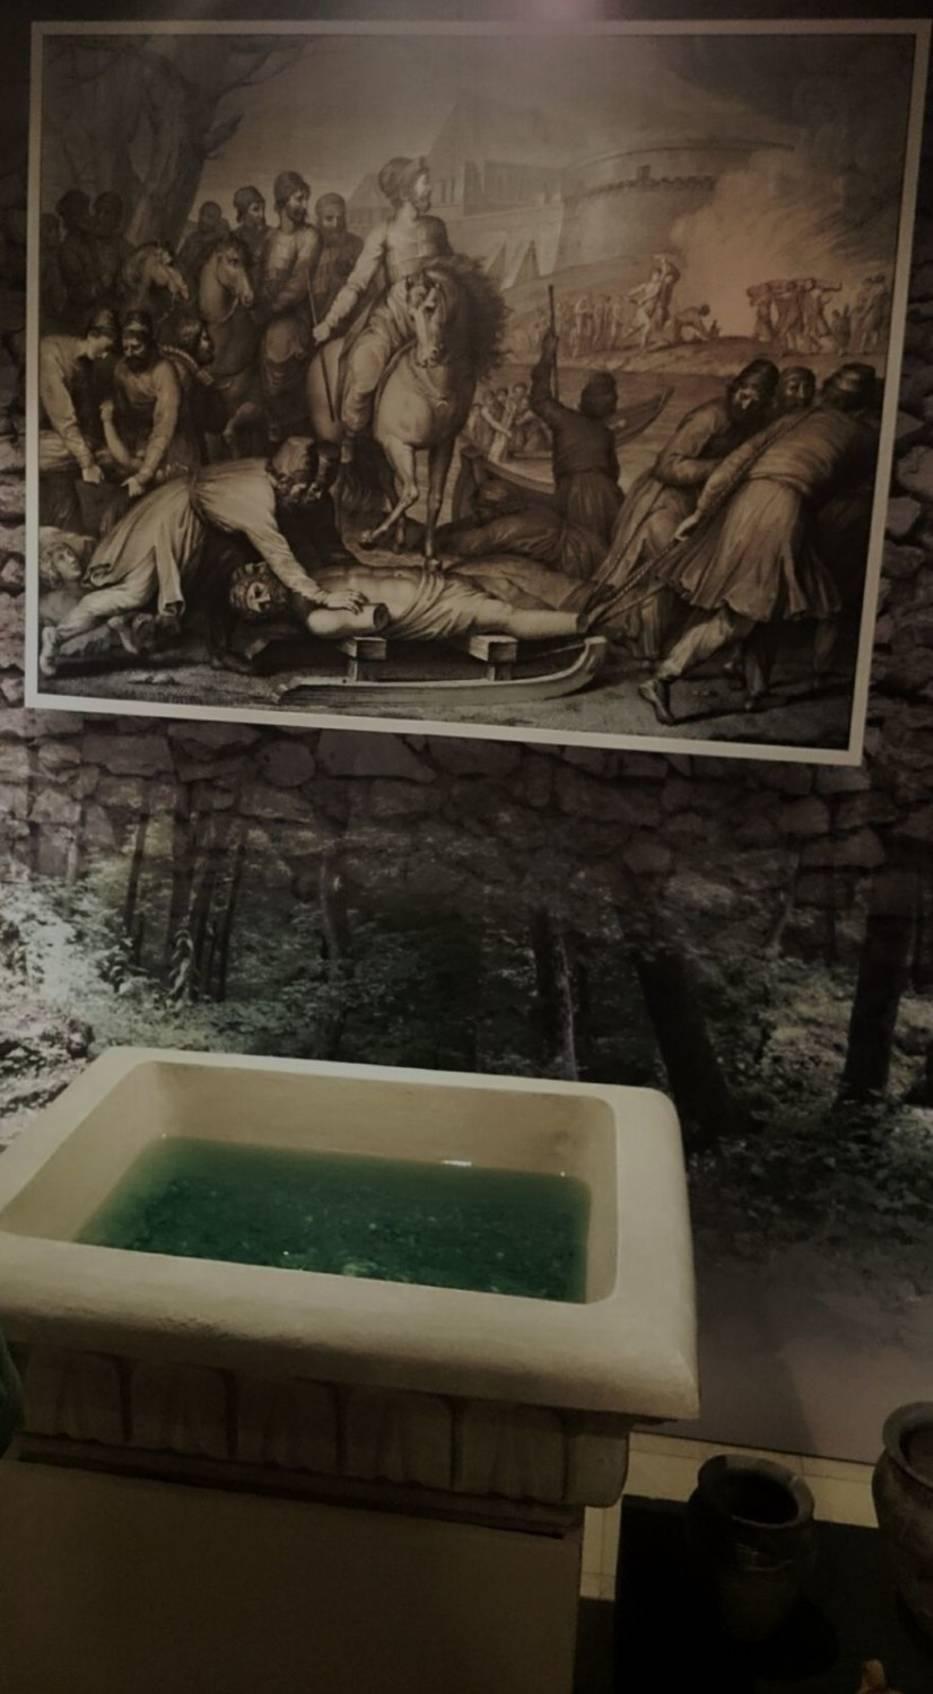 Na wystawie można zobaczyć militaria z czasów św